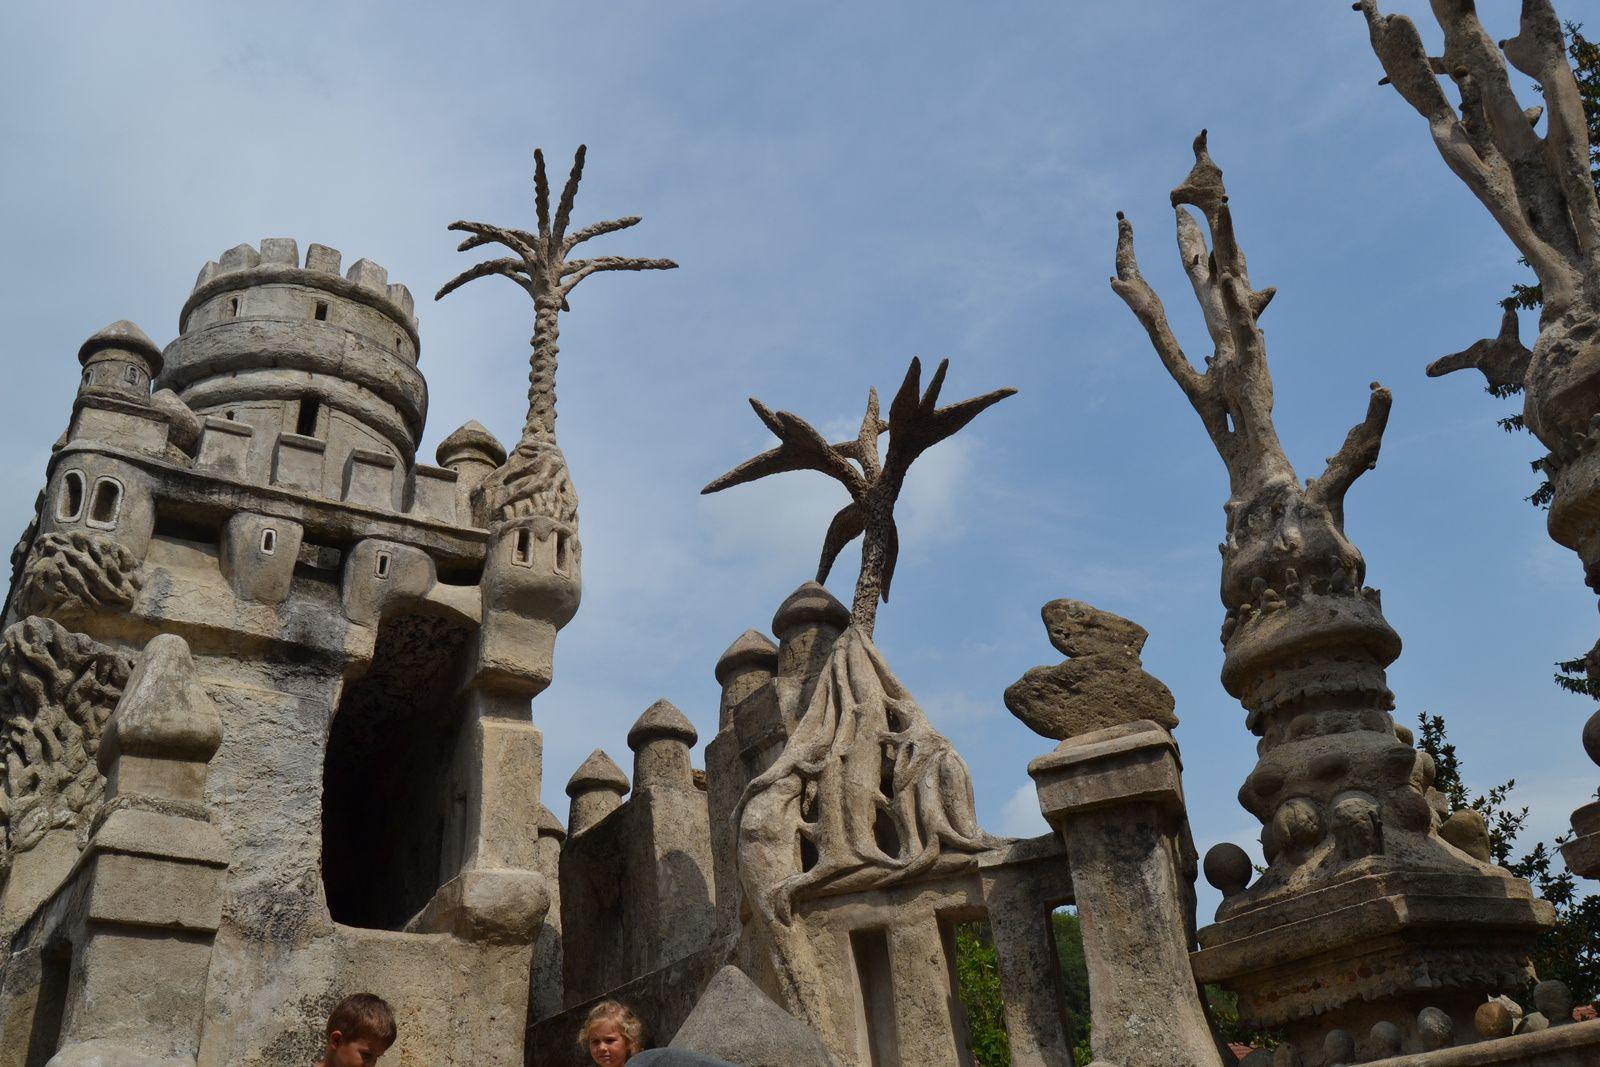 Pour son voisinage, le Facteur Cheval était un être étrange, un « pauvre fou » qui durant sa tournée met des pierres en tas, revient le soir les chercher en s'aidant de sa brouette, pour en remplir son jardin. Il commence la construction de son monument qu'il n'appelle pas encore Palais Idéal en 1879.